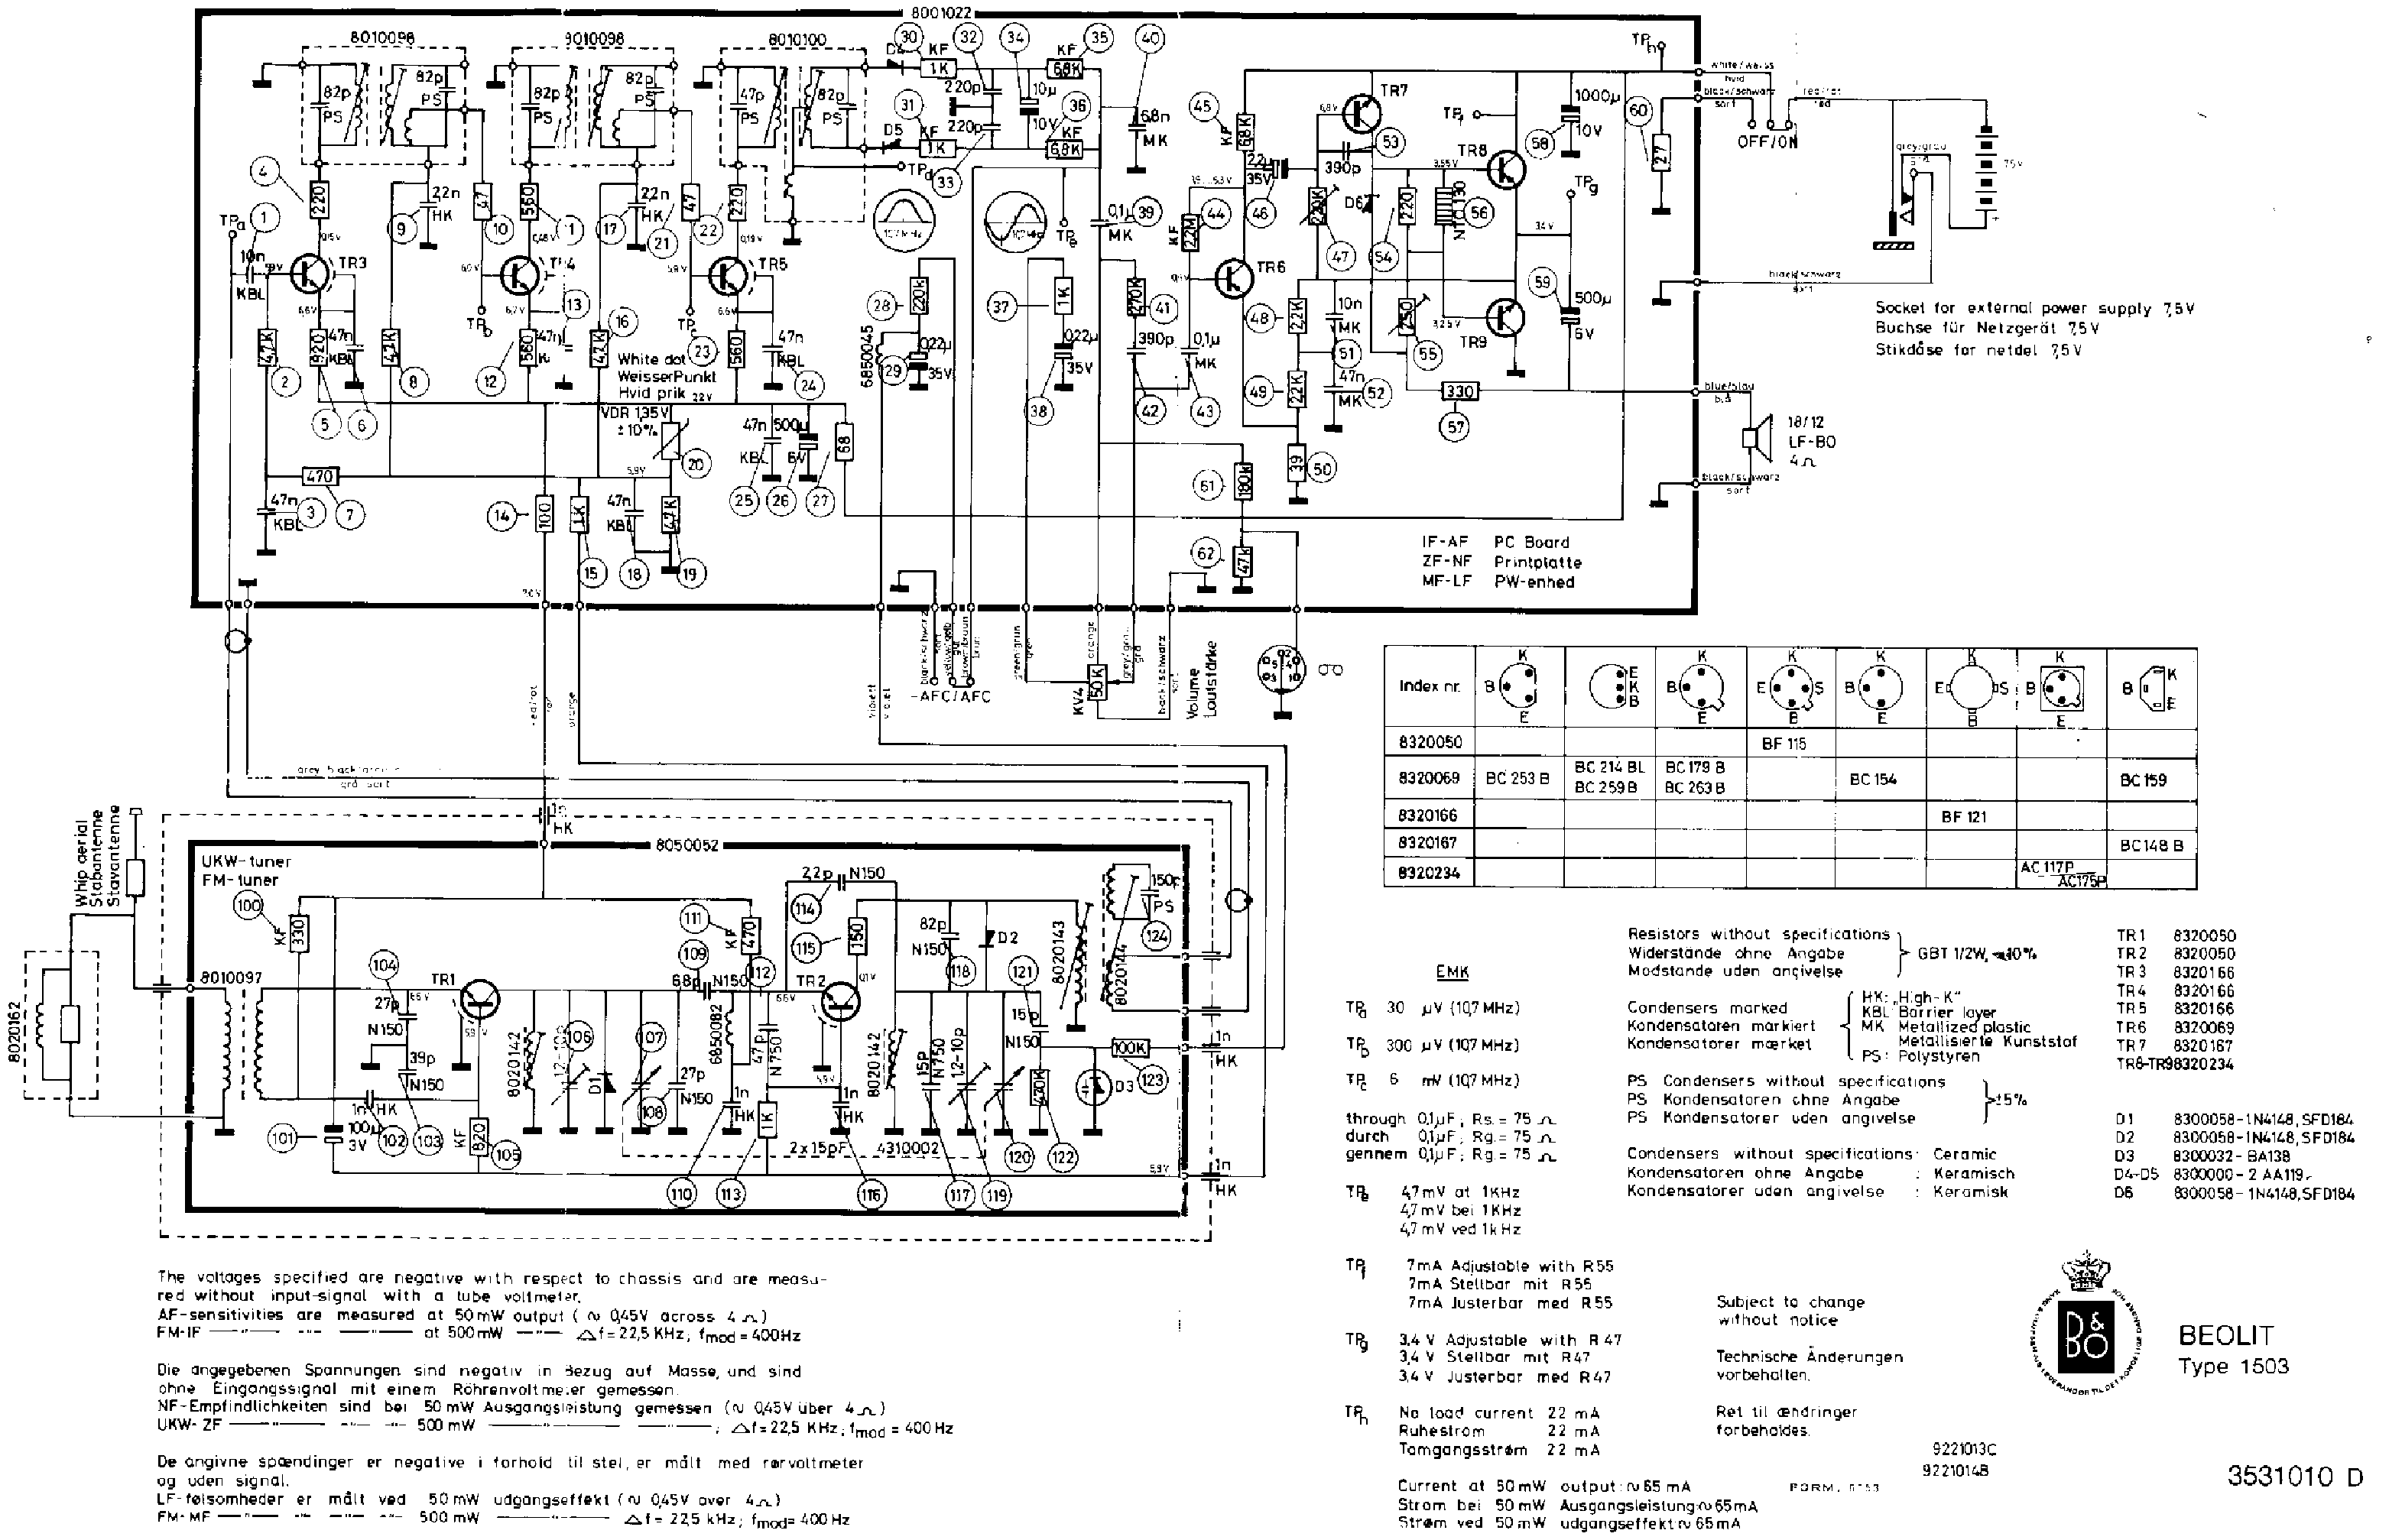 2017 v star 650 service manual